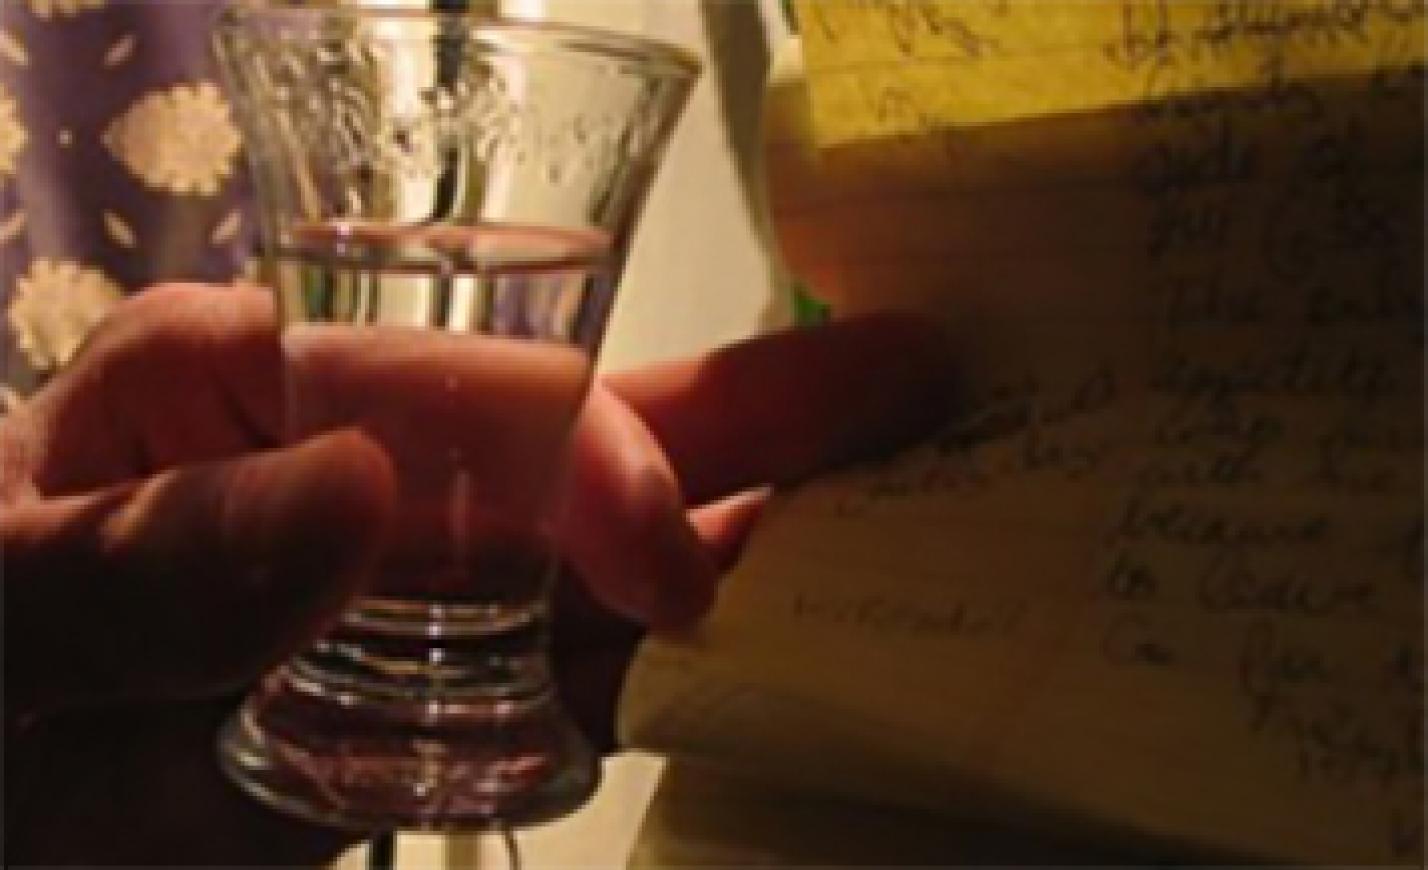 Kiderült, napi hány liter pálinka készül Magyarországon